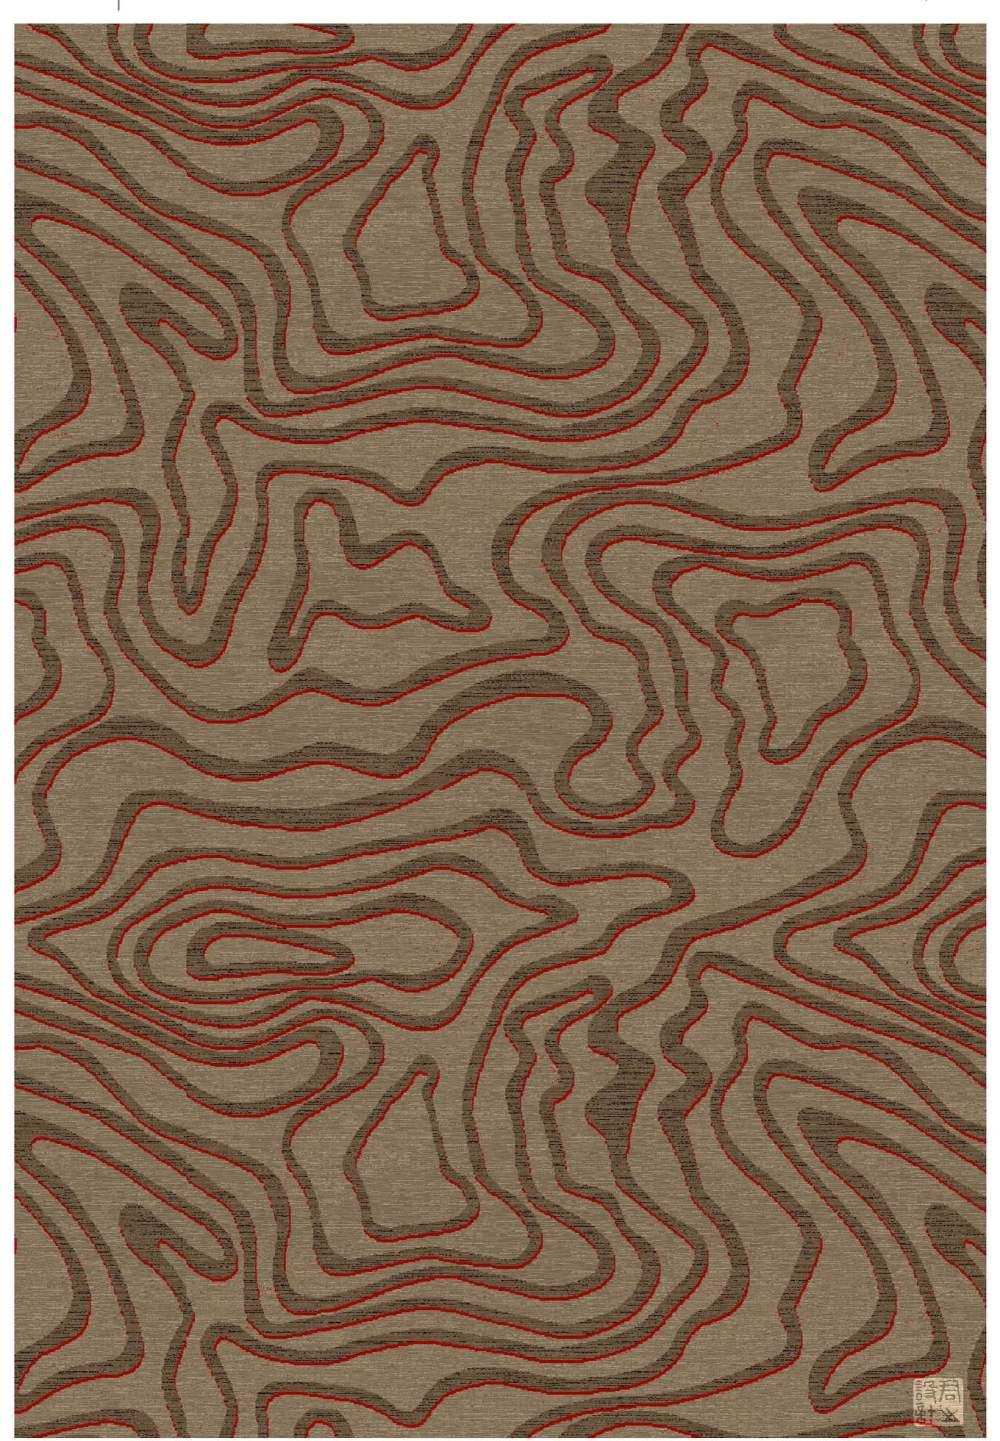 郑中(CCD)--专用地毯高清大图161P_007.jpg